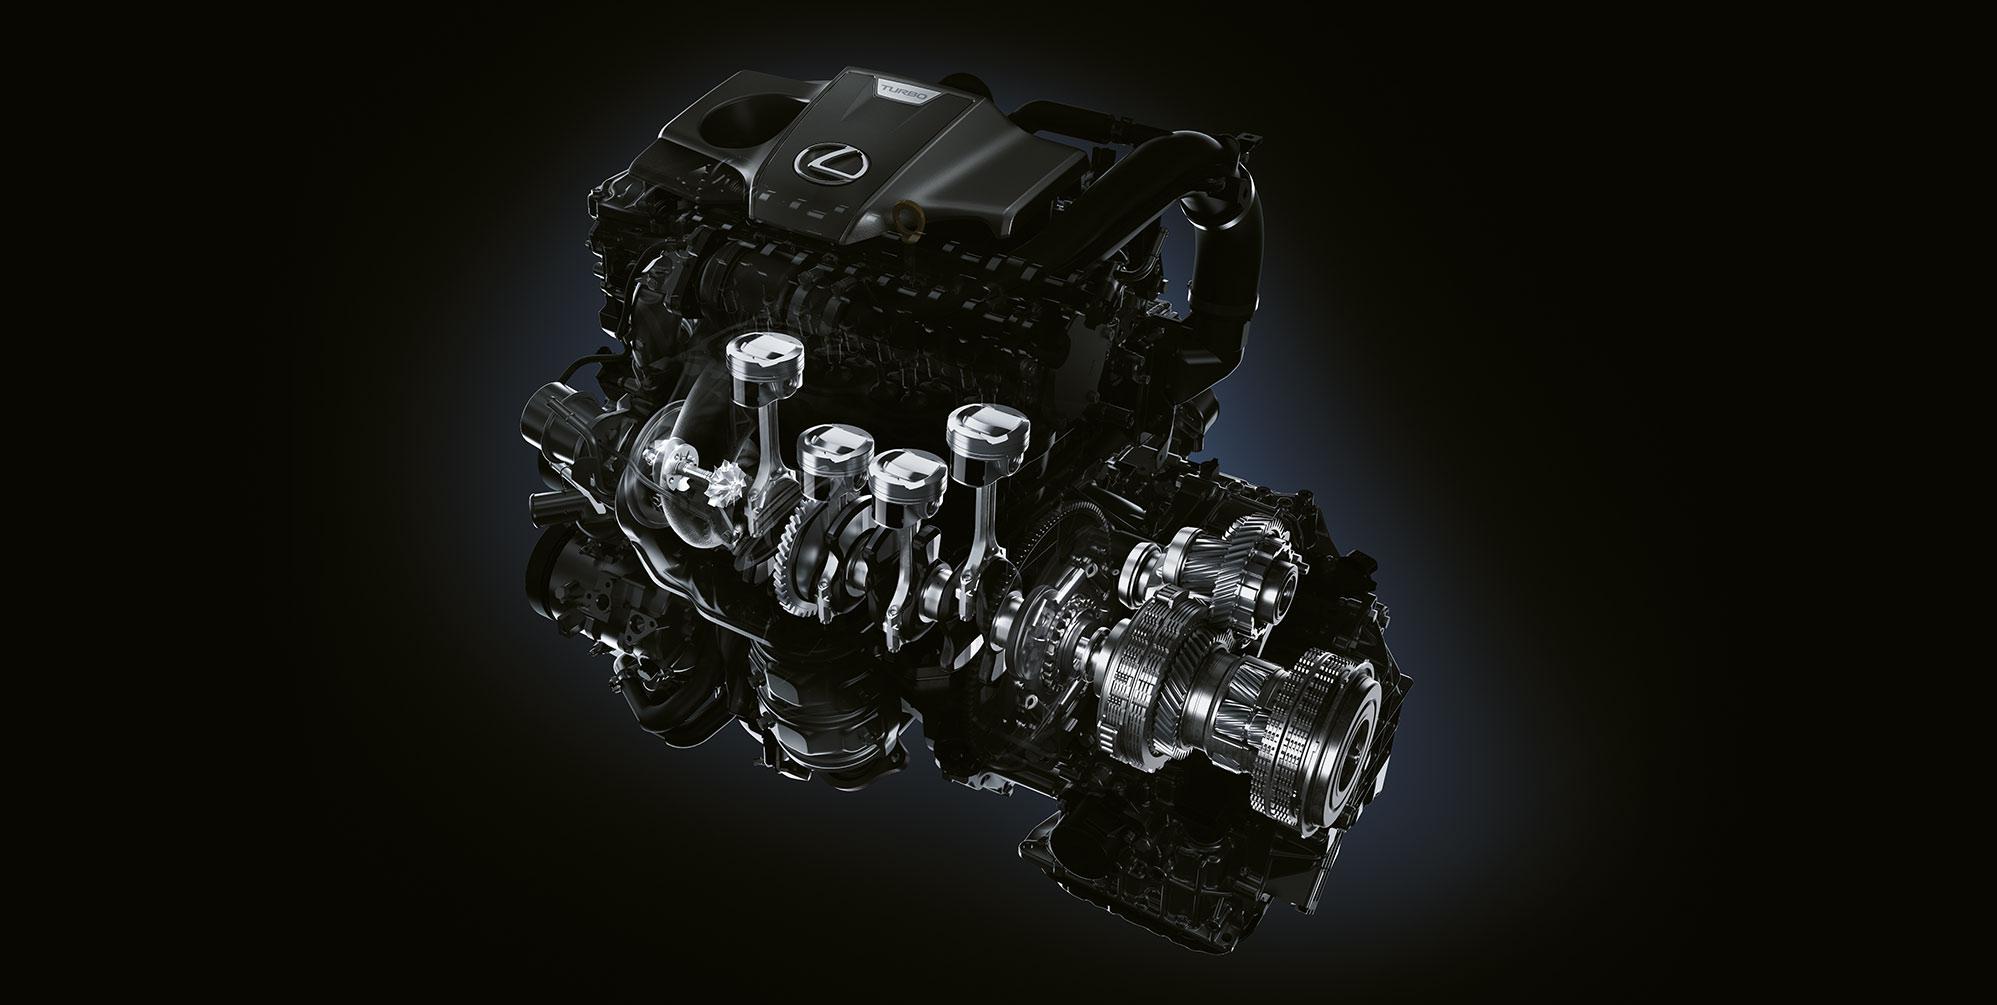 Atmosferik Ve Turbo Motor Arasındaki Farklar Nelerdir 1997x1005 01 Image